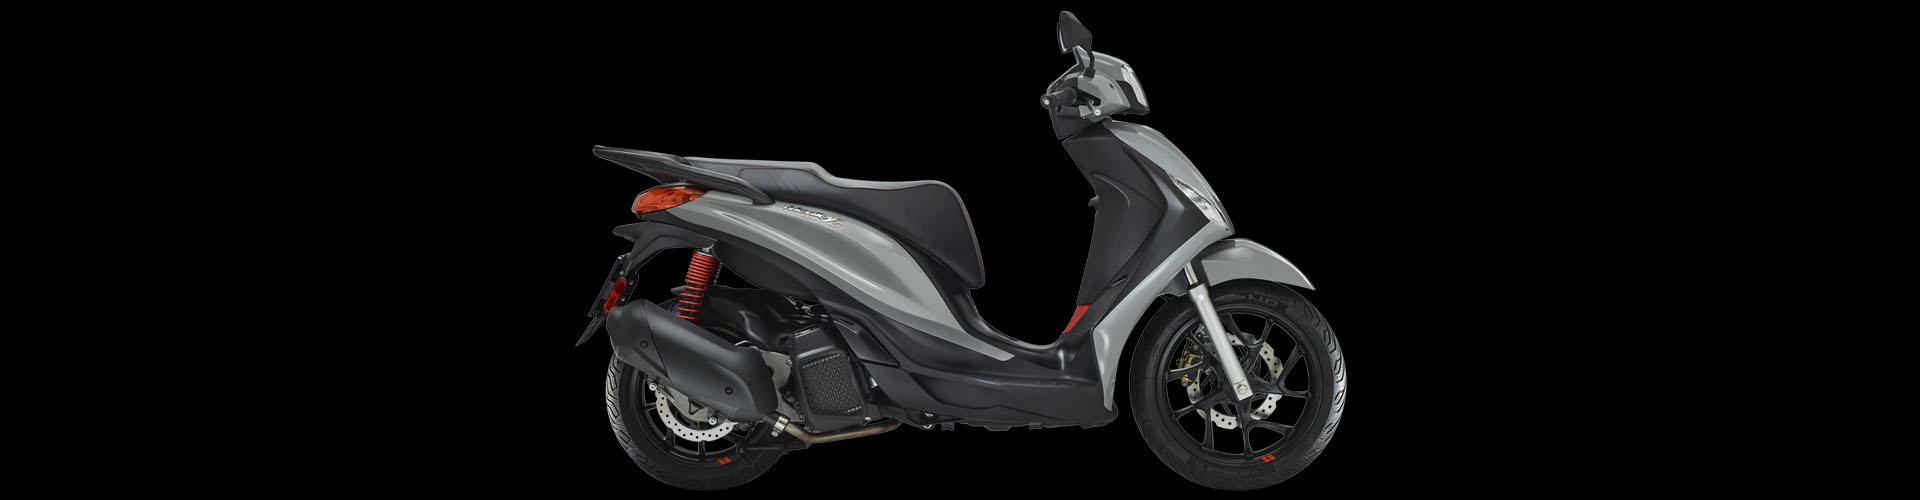 CocMotors- Piaggio Medley 125 S